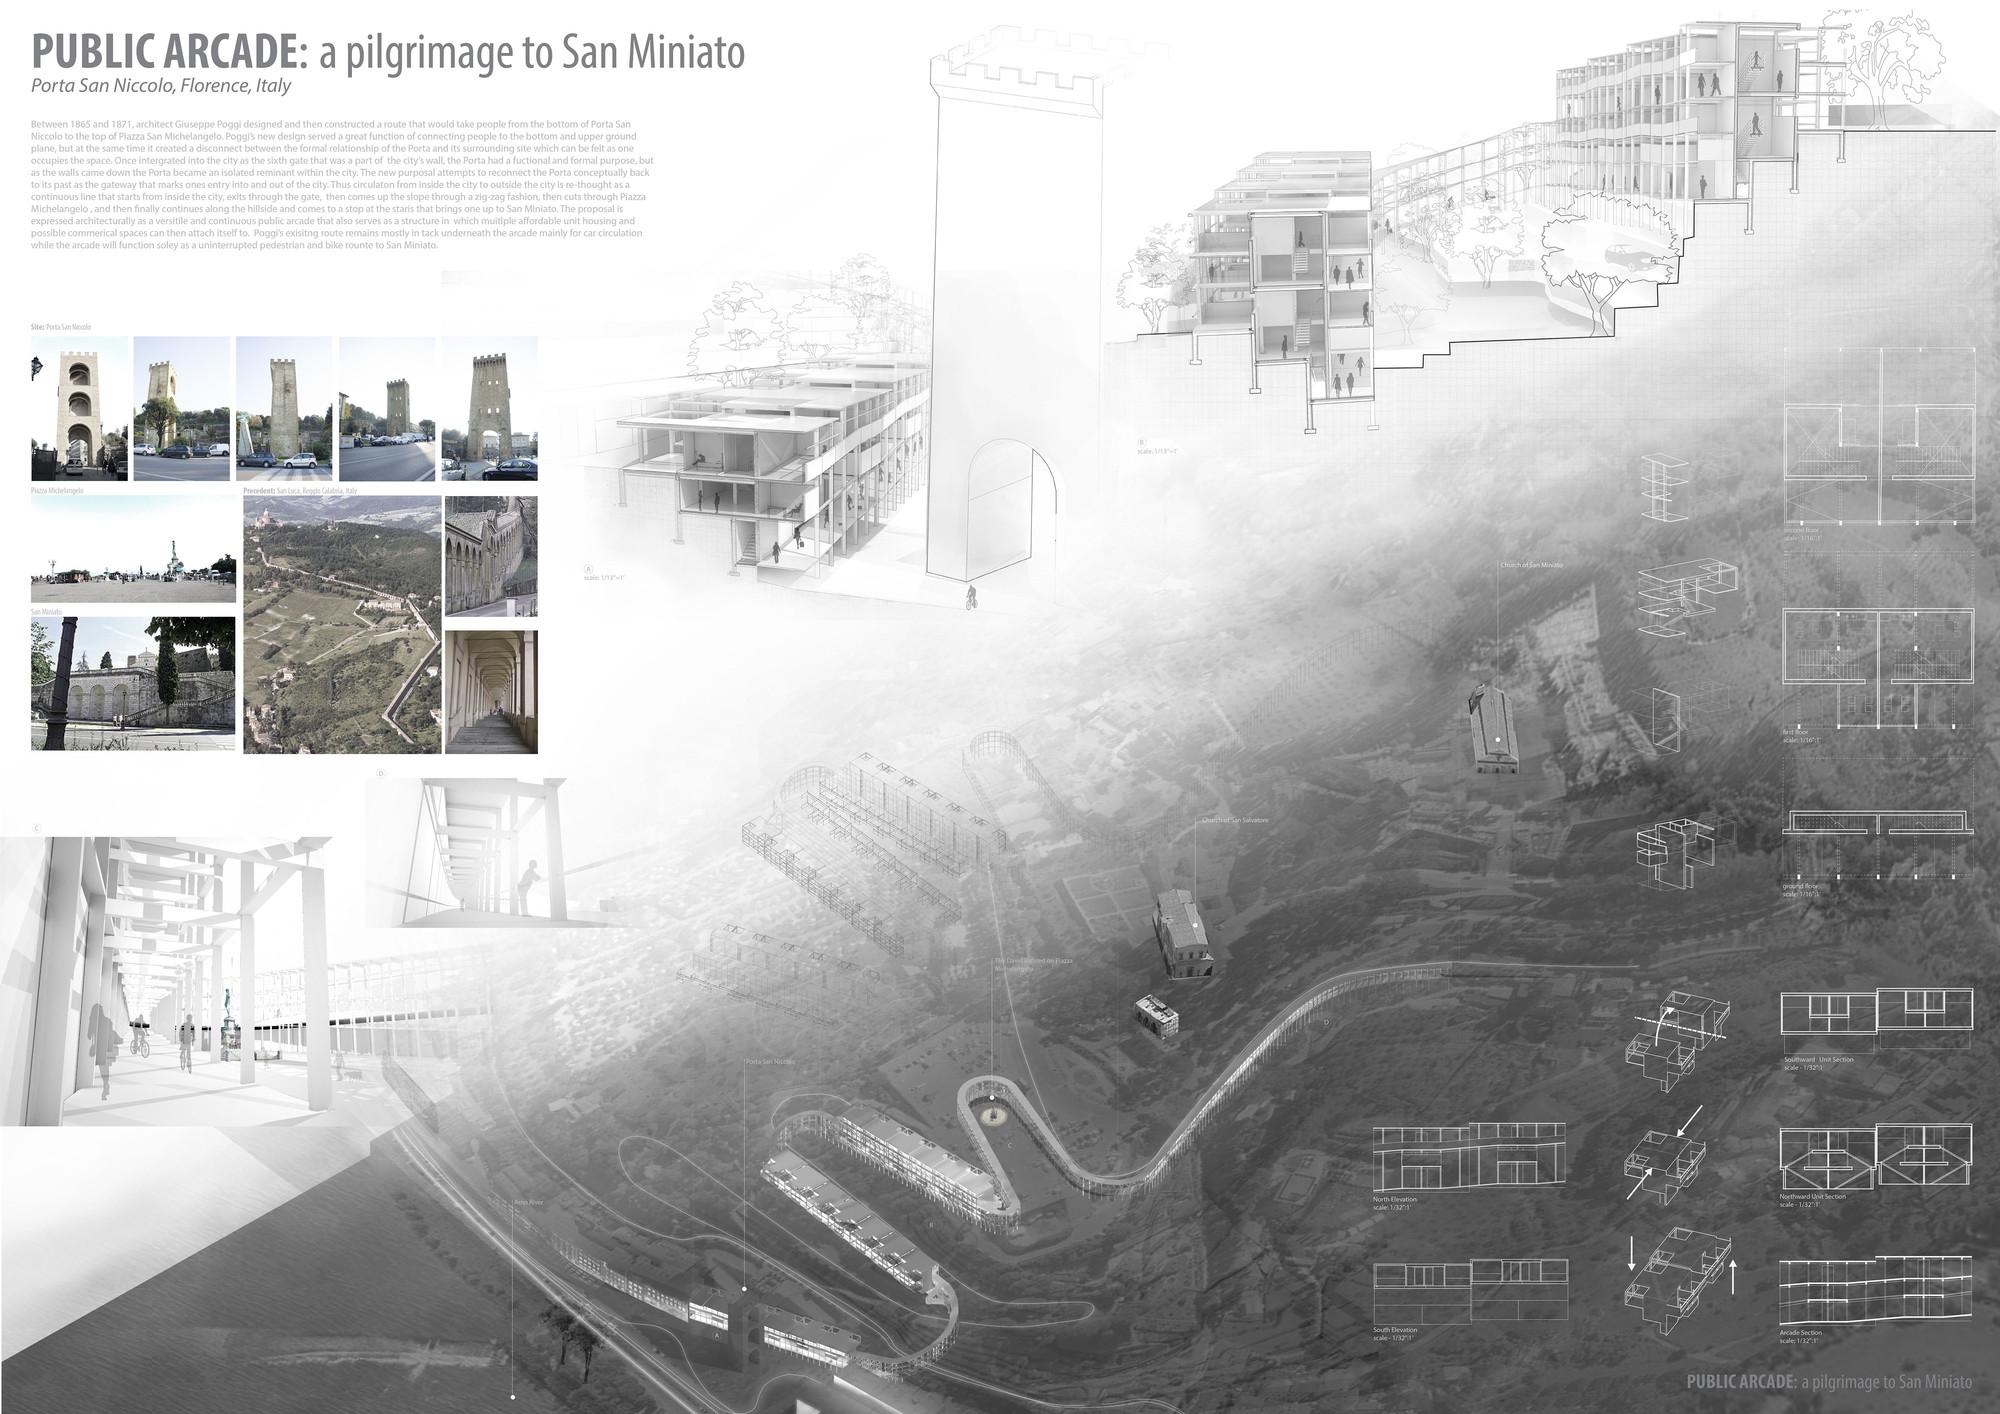 Mención Honrosa:Public Arcade_a pilgrimage to San Miniato. Image Courtesy of IS ARCH